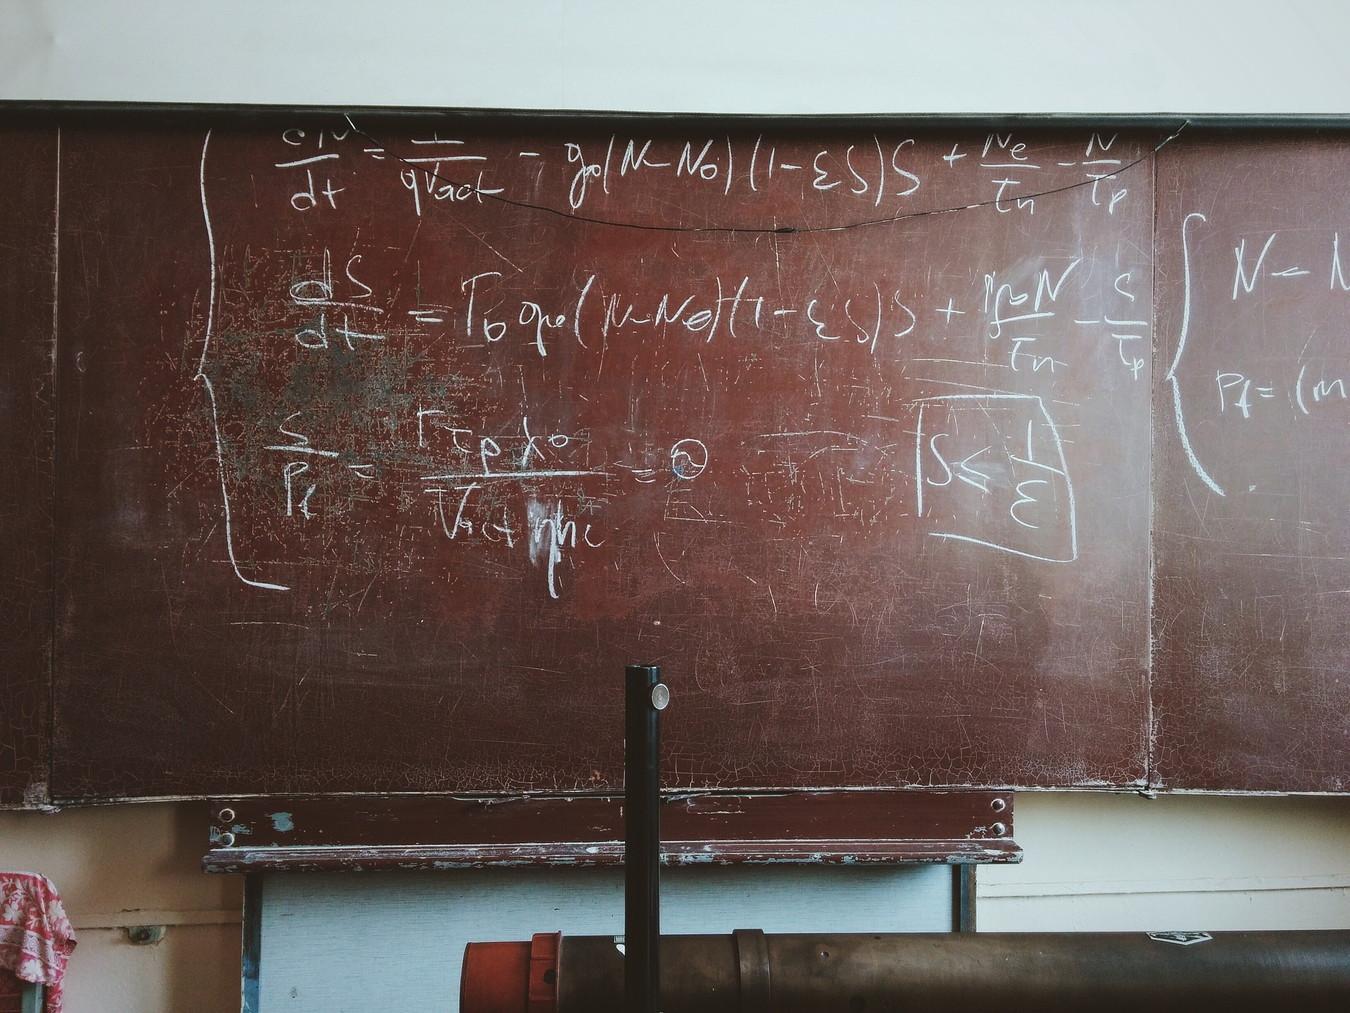 【書評】完全なる証明 100万ドルを拒否した天才数学者